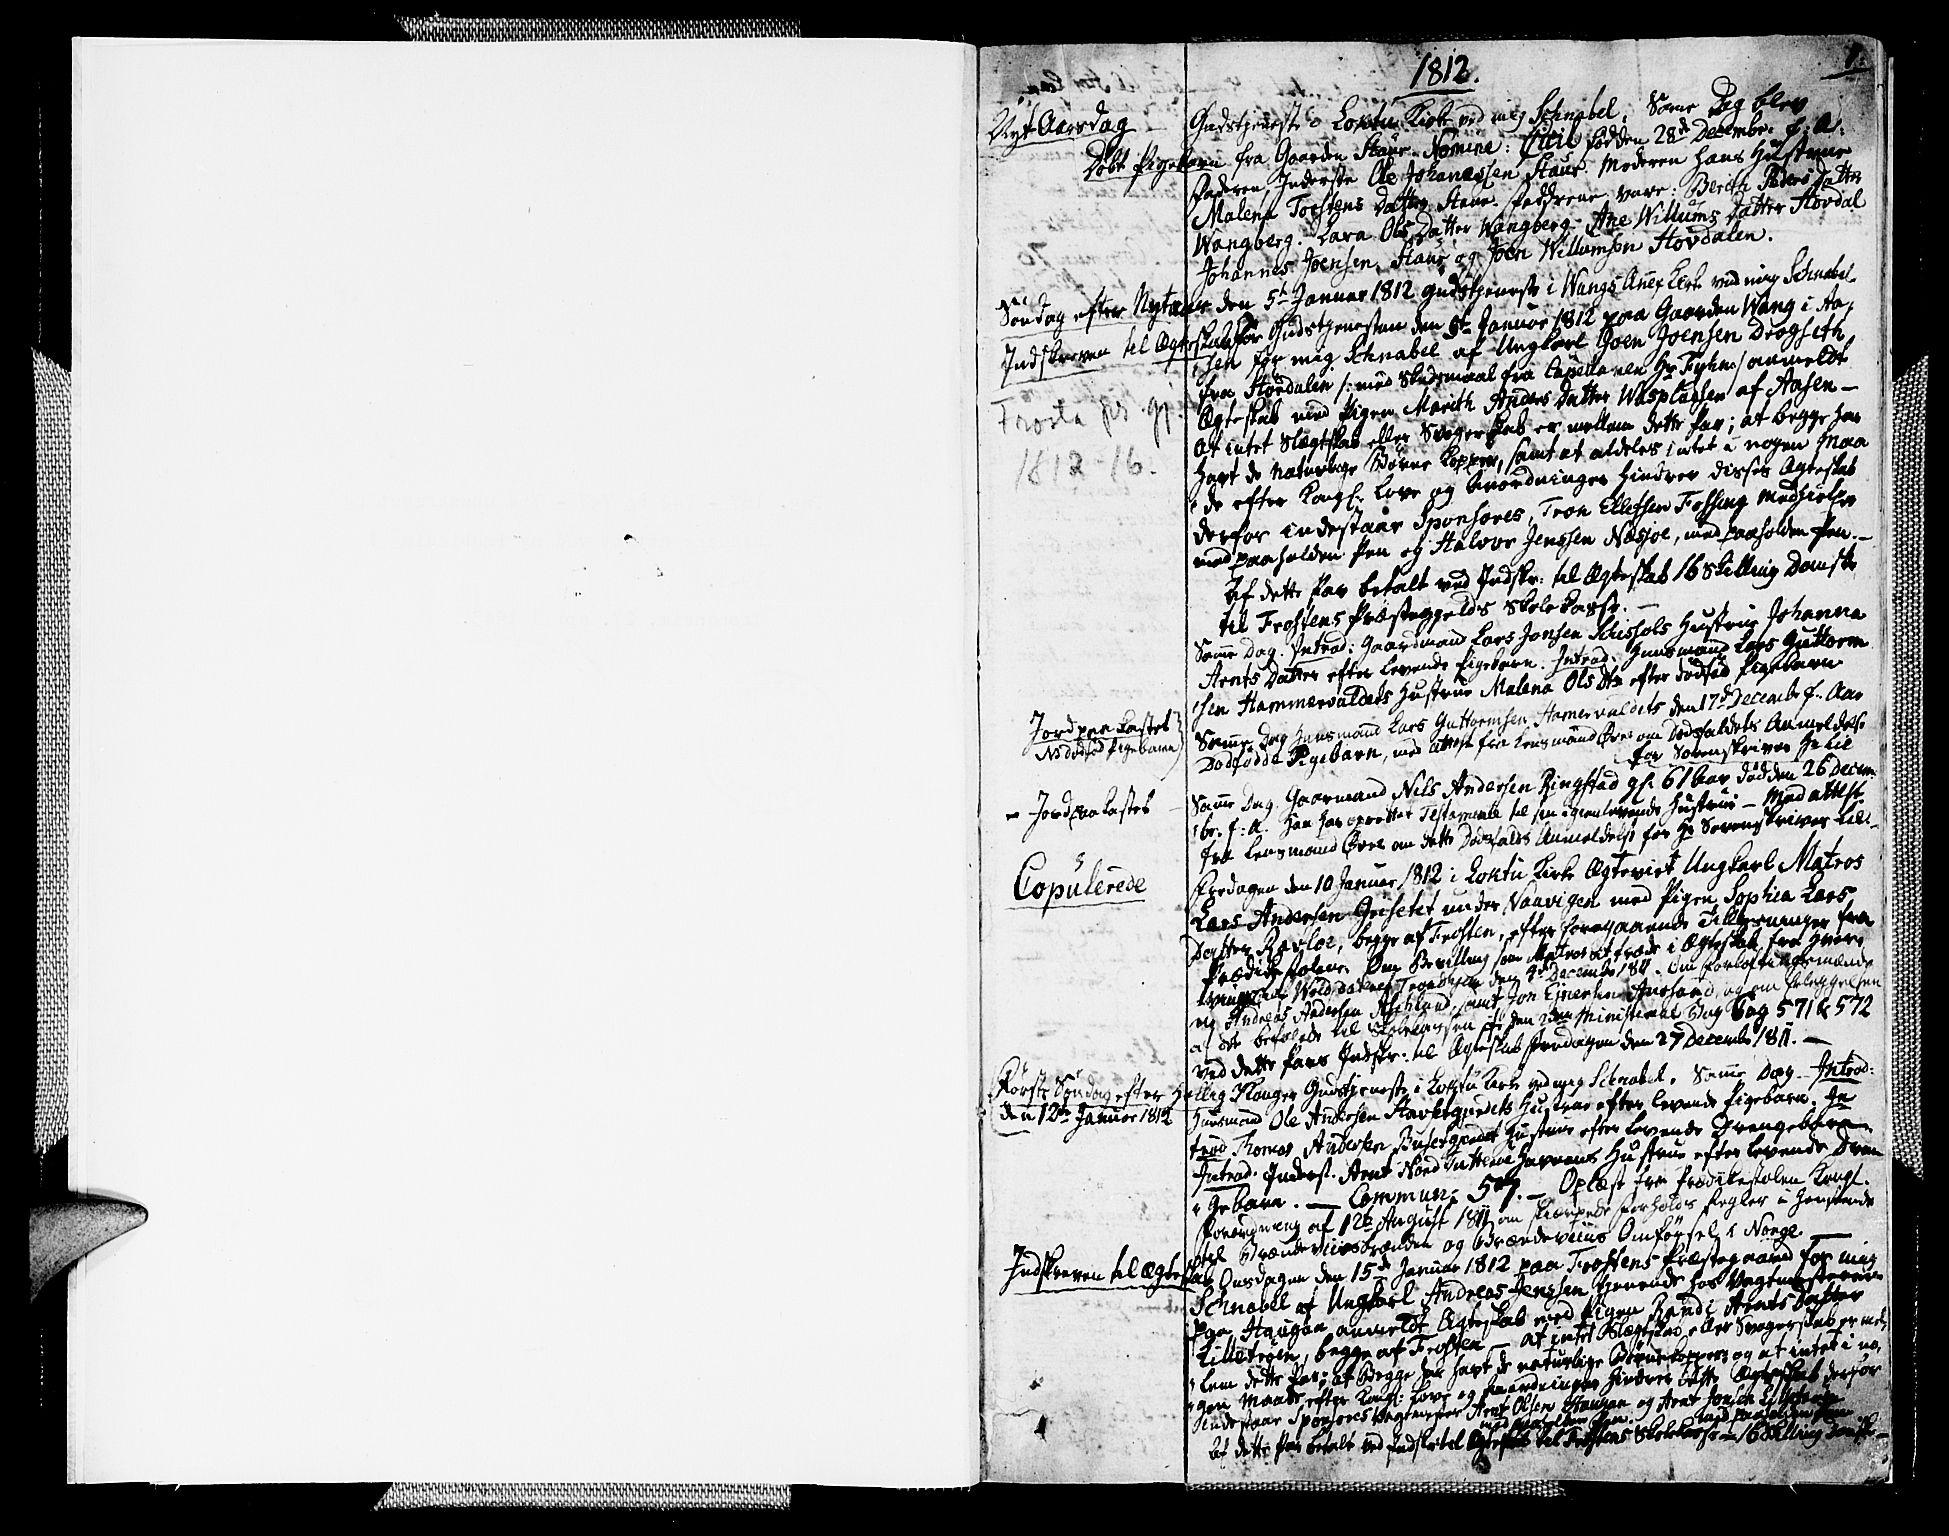 SAT, Ministerialprotokoller, klokkerbøker og fødselsregistre - Nord-Trøndelag, 713/L0111: Parish register (official) no. 713A03, 1812-1816, p. 0-1